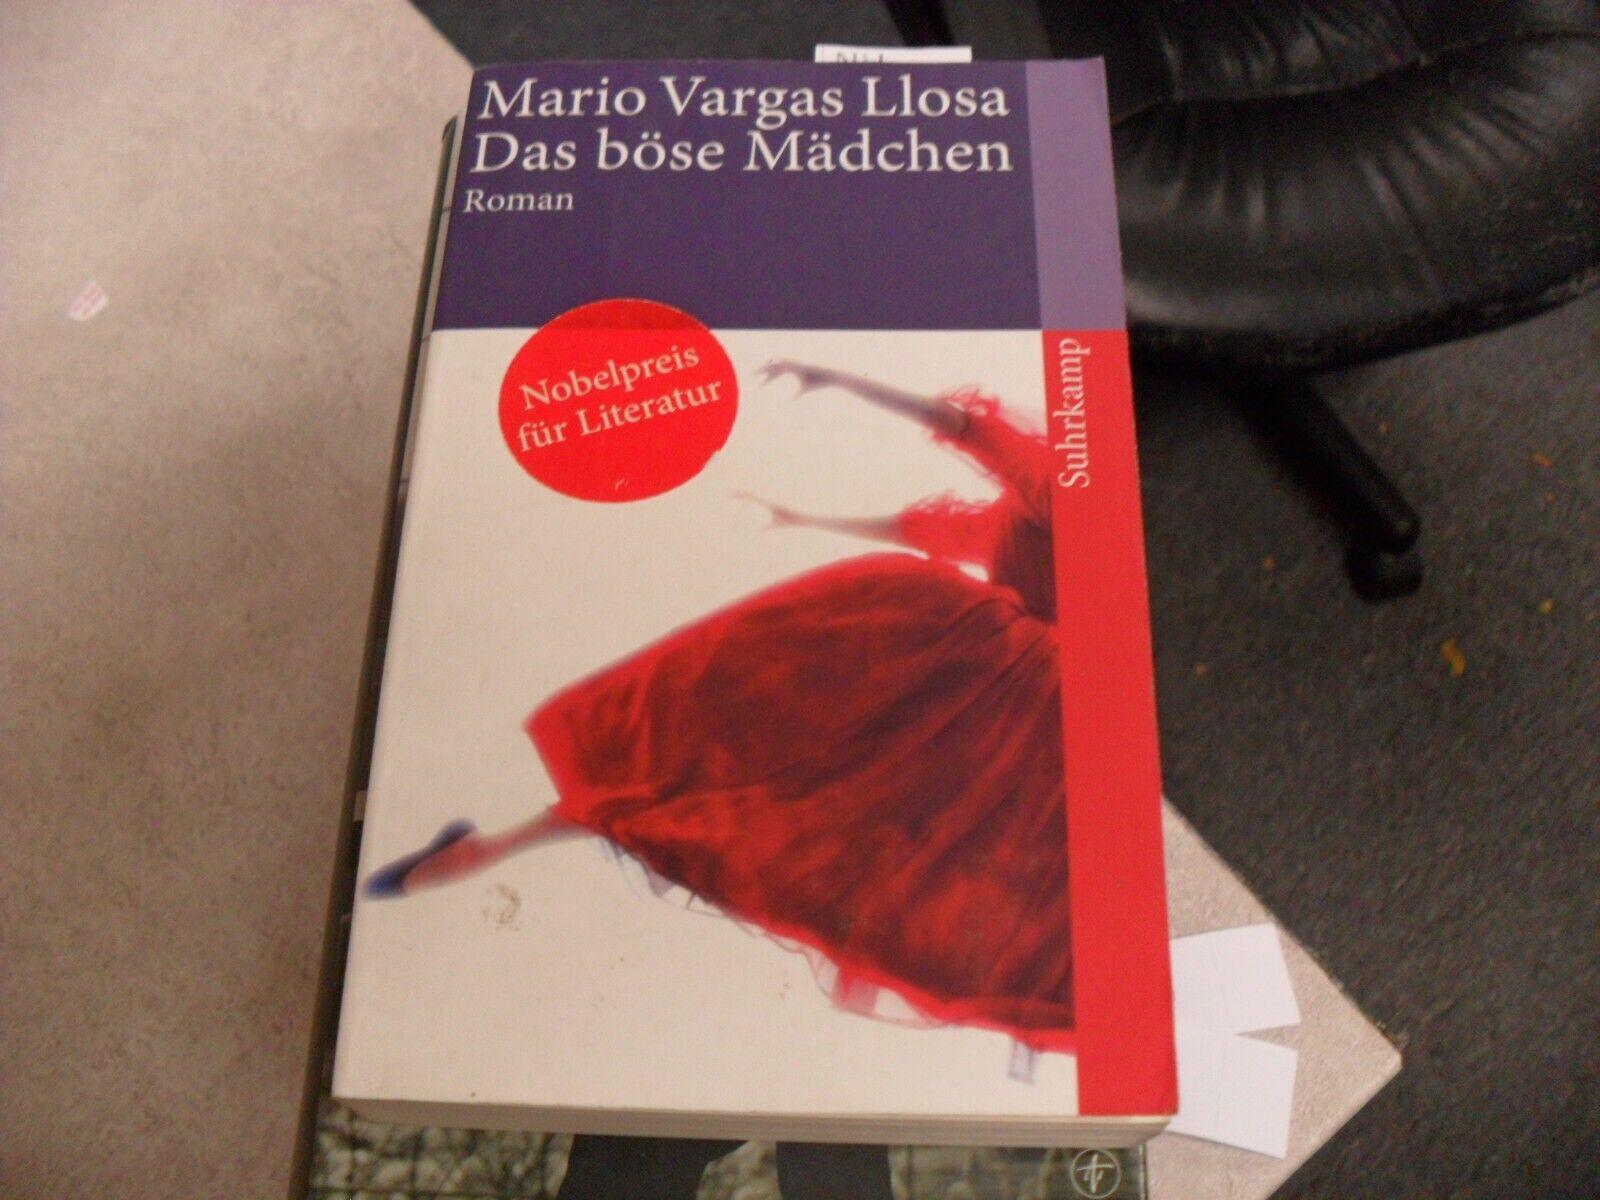 Das böse Mädchen von Mario Vargas Llosa